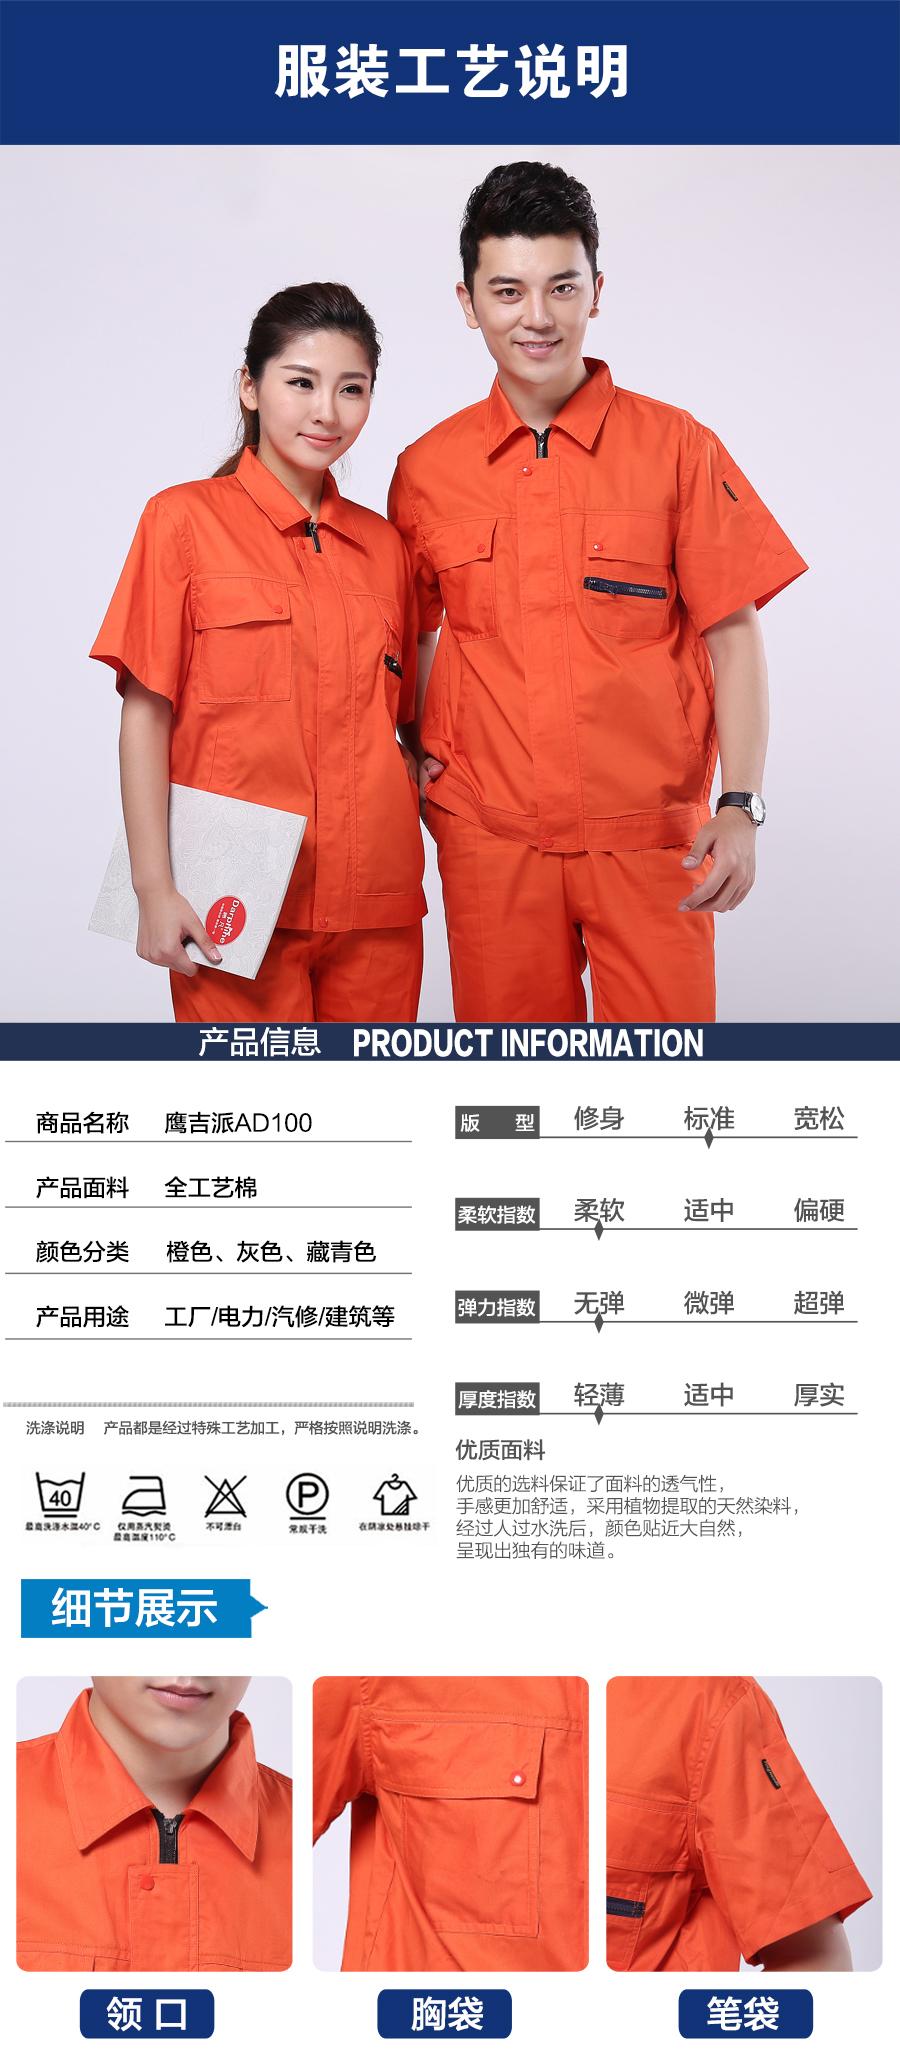 夏季服装产品信息展示.jpg